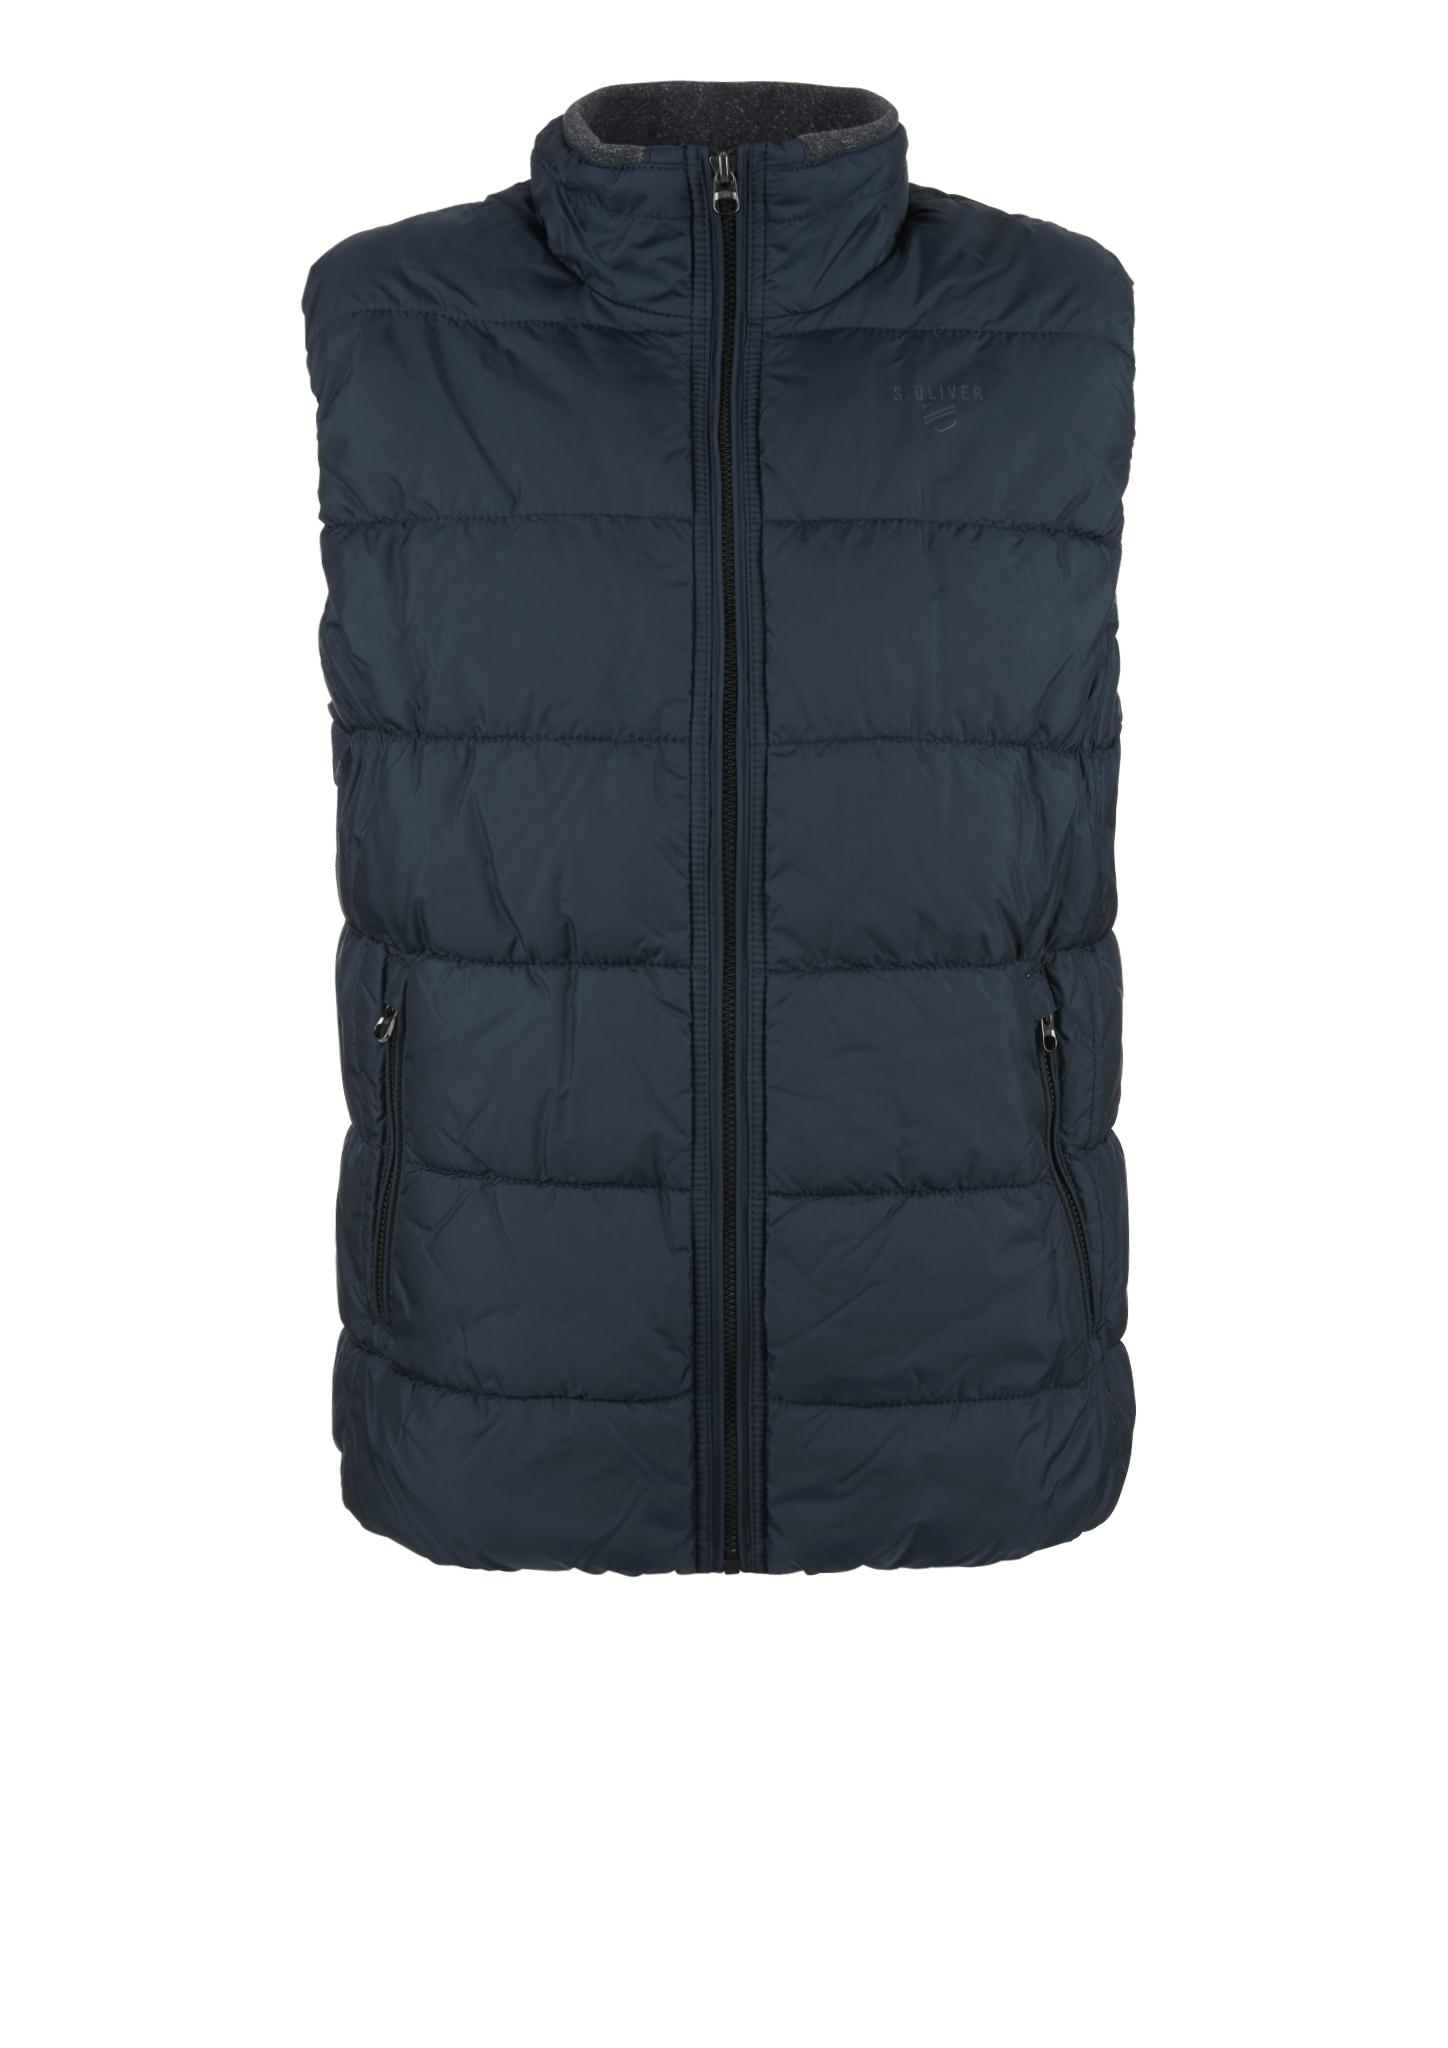 Outdoorweste | Sportbekleidung | Blau | Obermaterial 100% polyester| futter und füllmaterial 100% polyamid| kragenfutter 95% baumwolle -  5% elasthan | s.Oliver